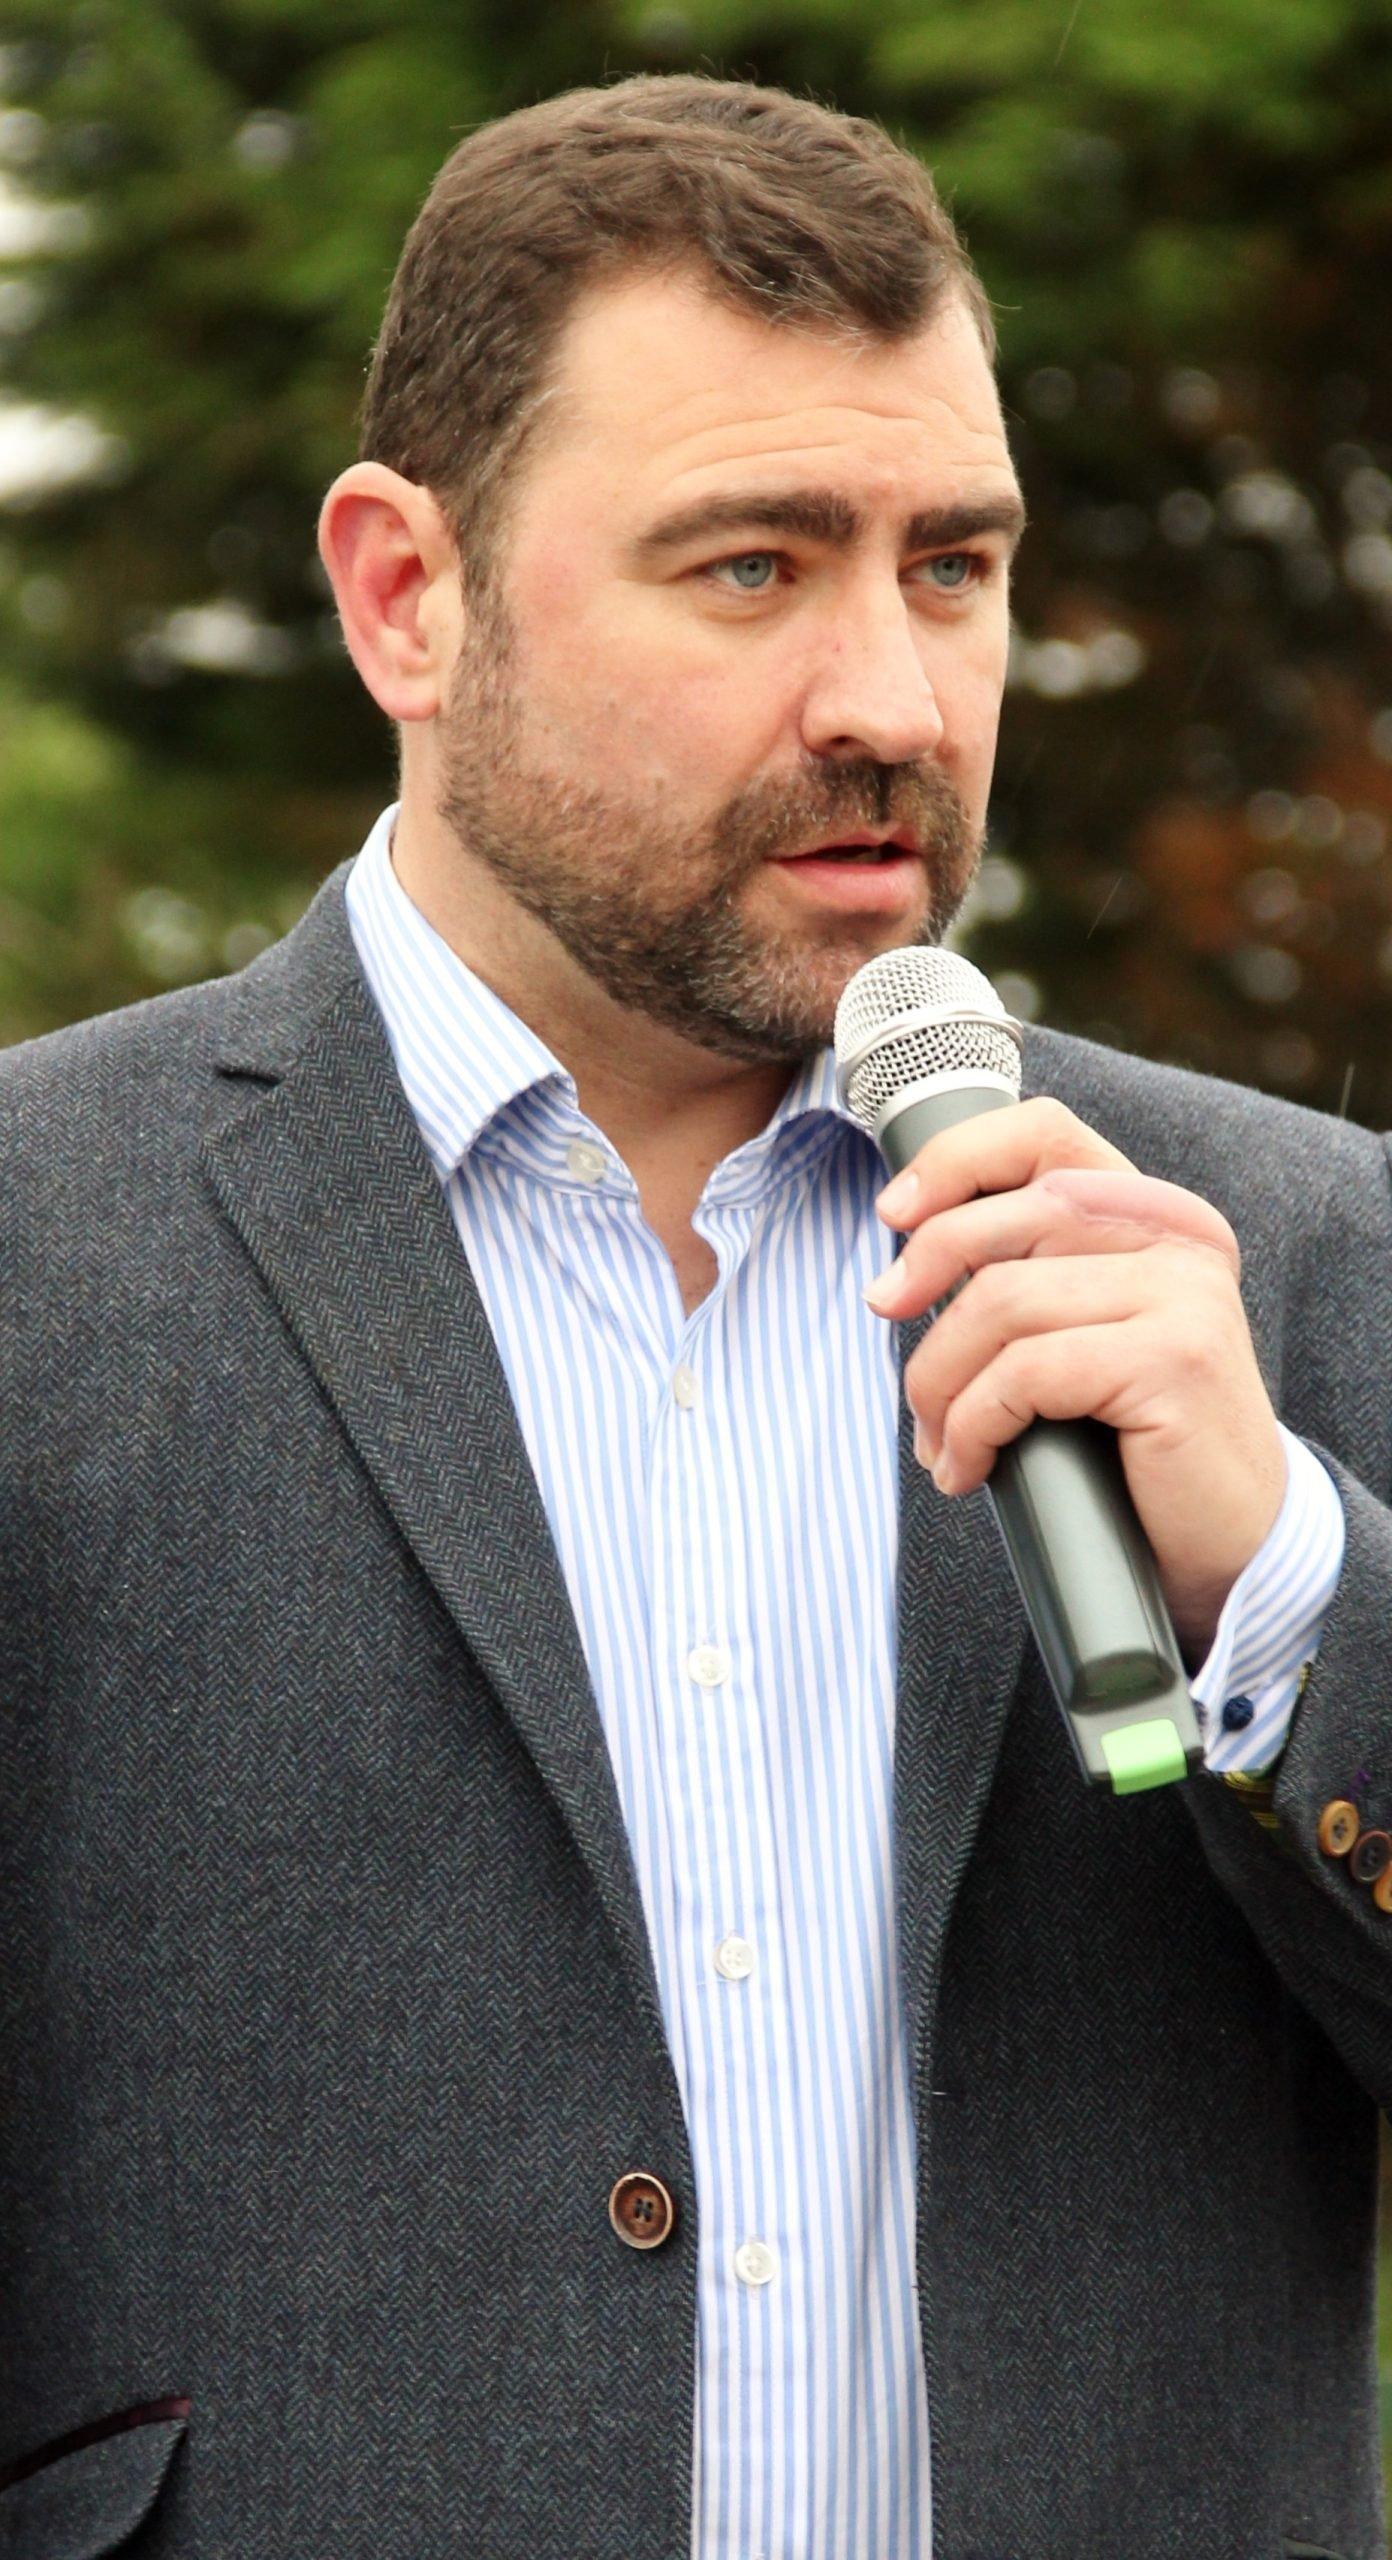 Andy Reid MBE Speaker